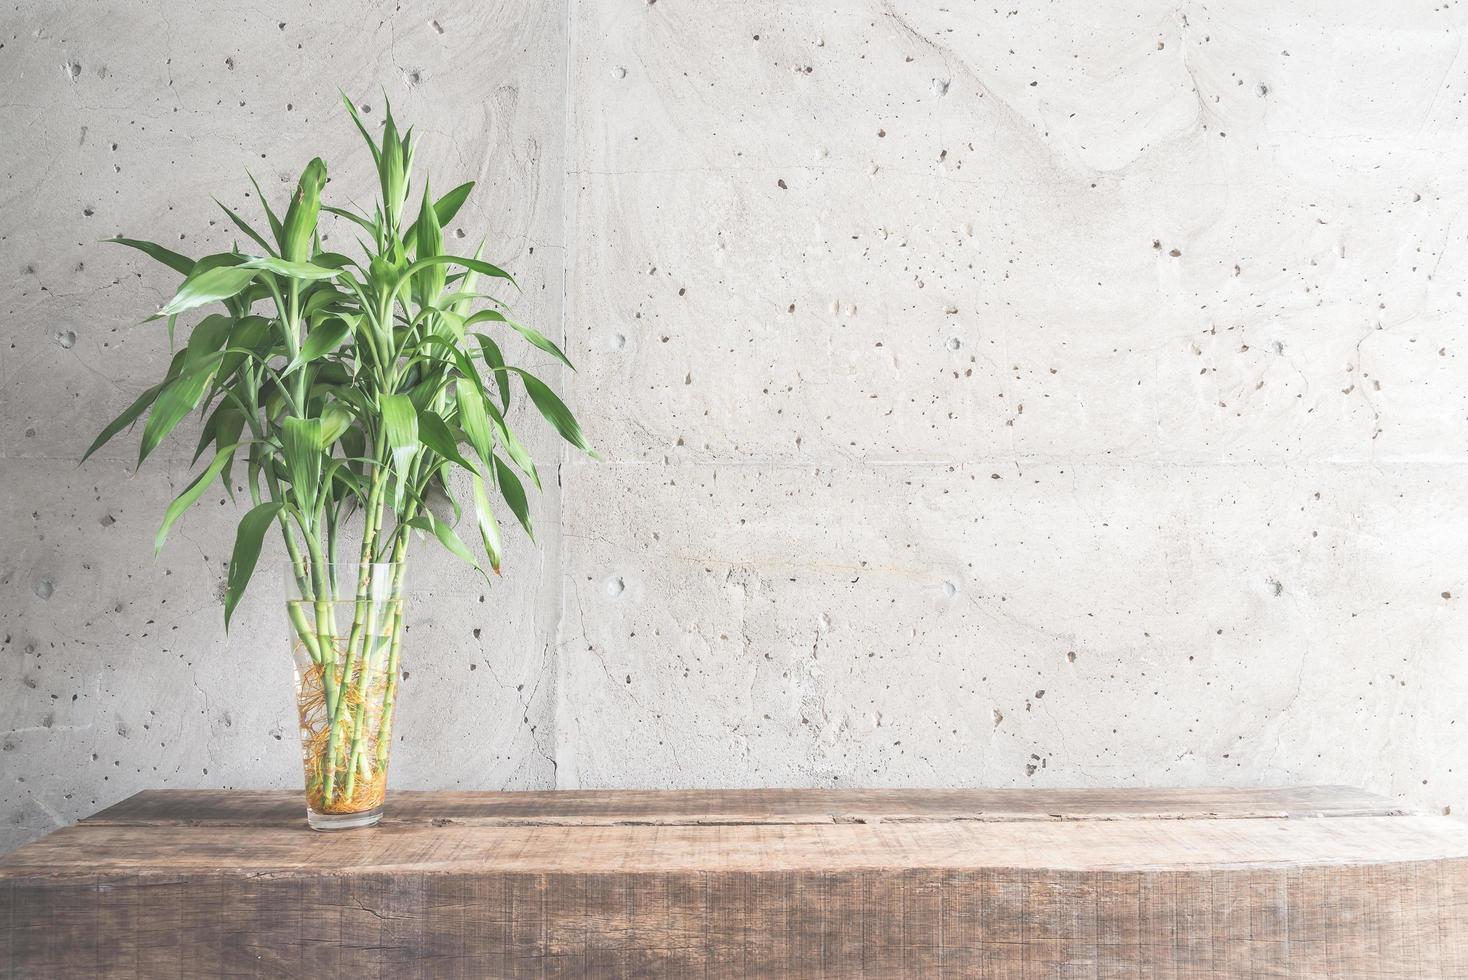 vas växt dekoration med tomt rum foto